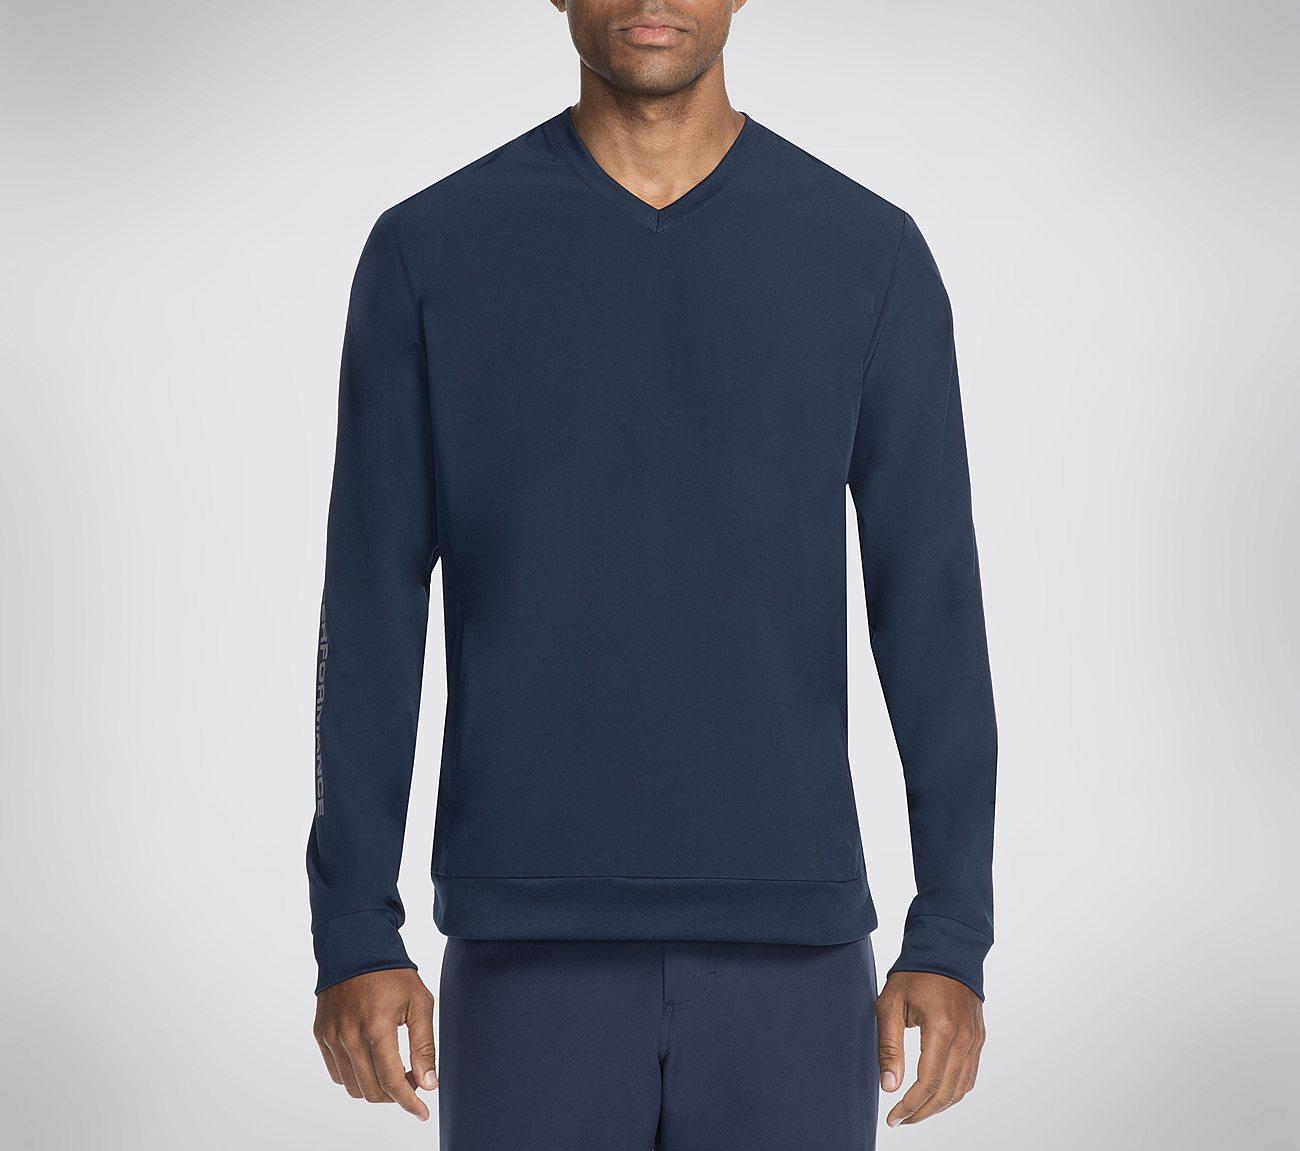 Skechers Chop Pullover V Neck Shirt